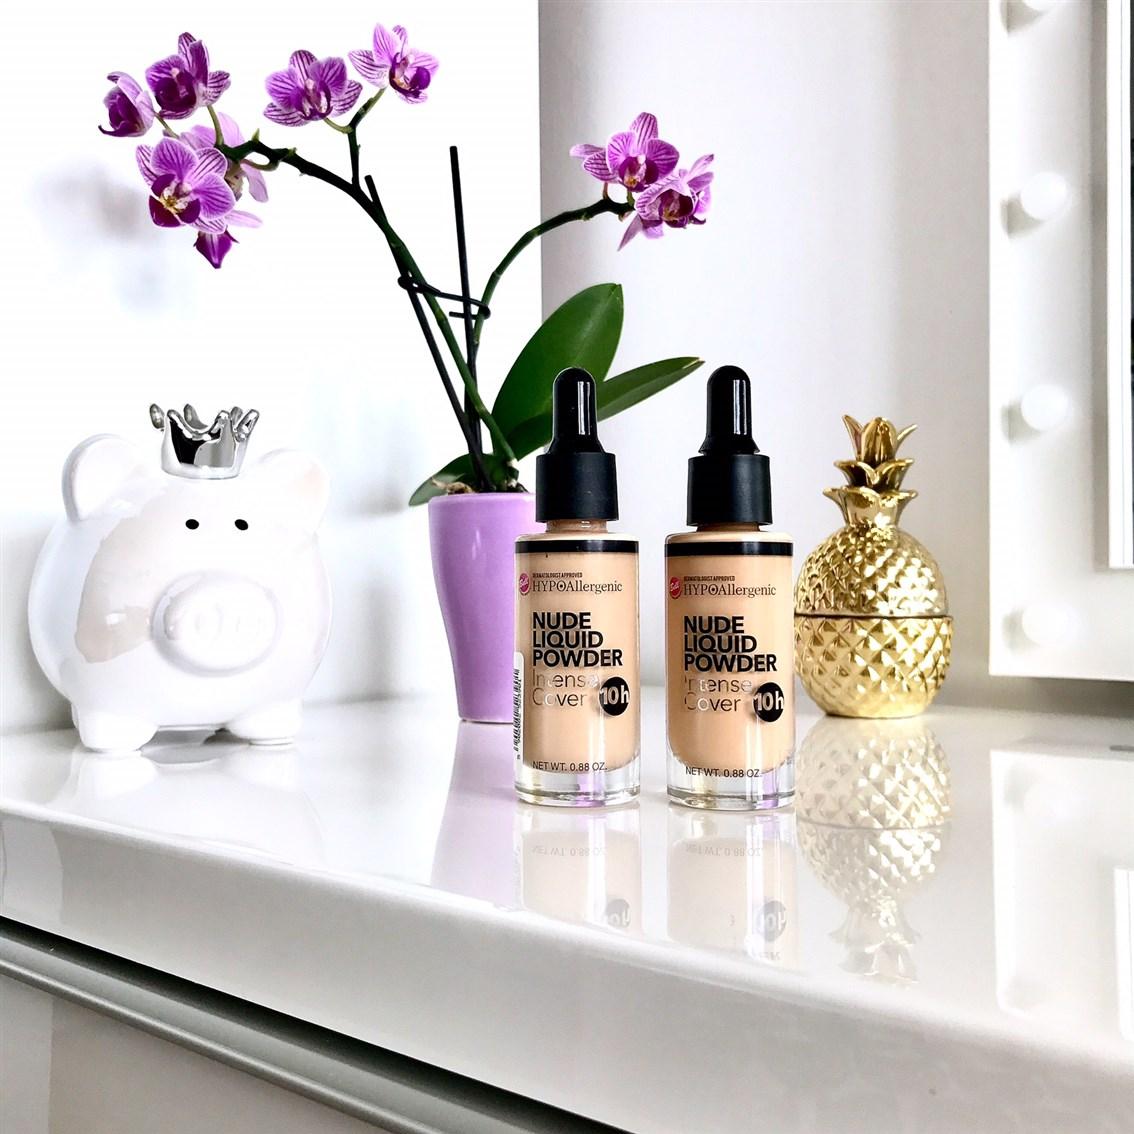 podkład Bell Hypoallergenic Nude Liquid Powder